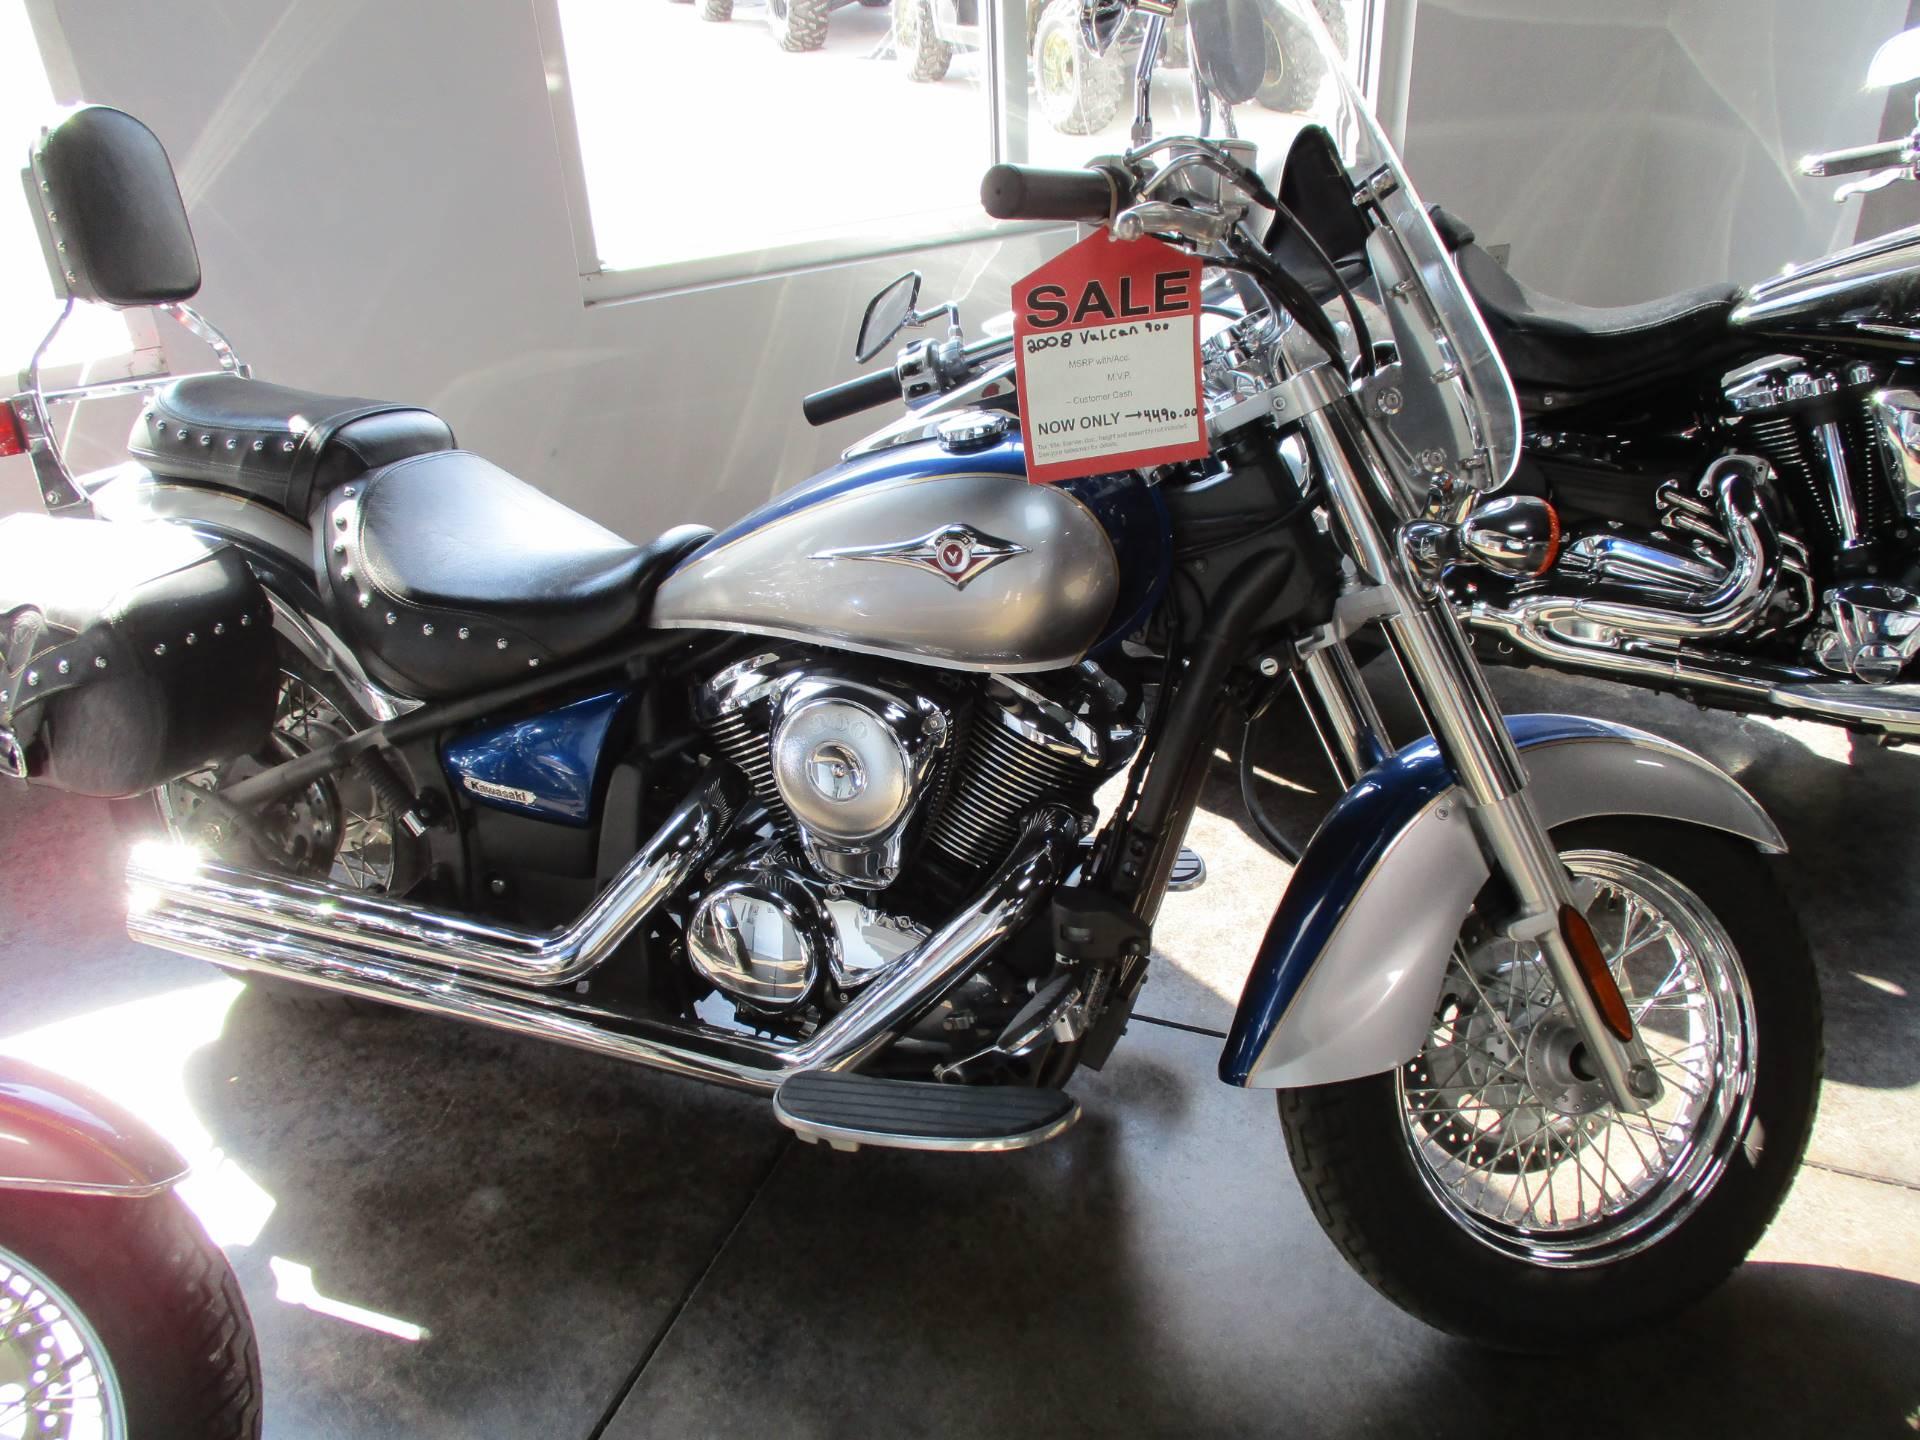 Used 2008 Kawasaki vulcan 900 classic Motorcycles McGinley Kawasaki ...